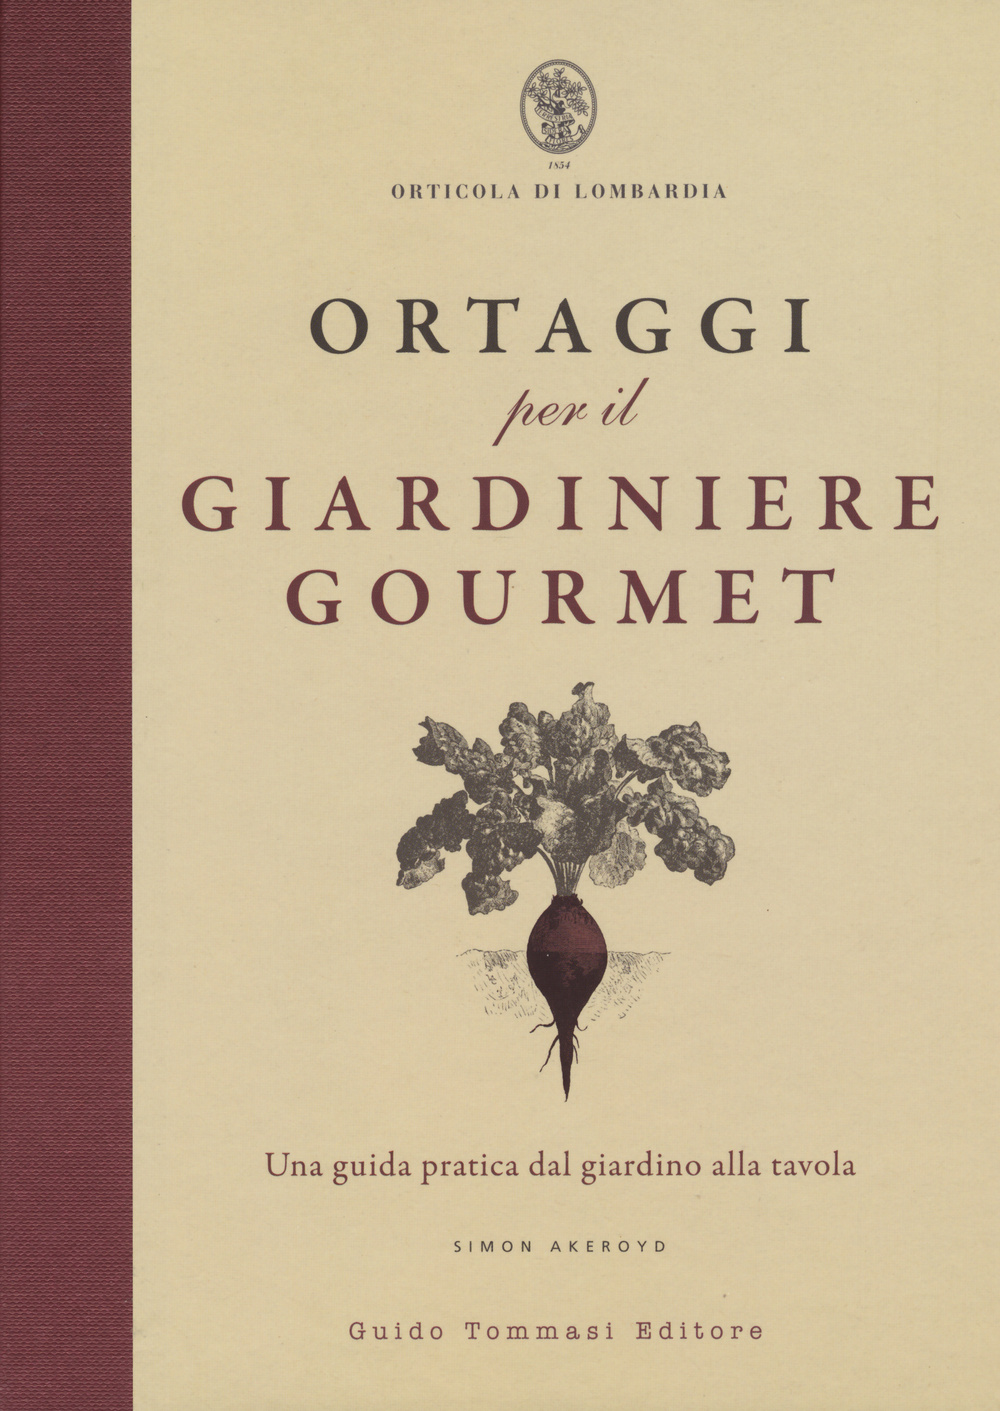 Ortaggi per il giardiniere gourmet, una guida pratica dal giardino alla tavola